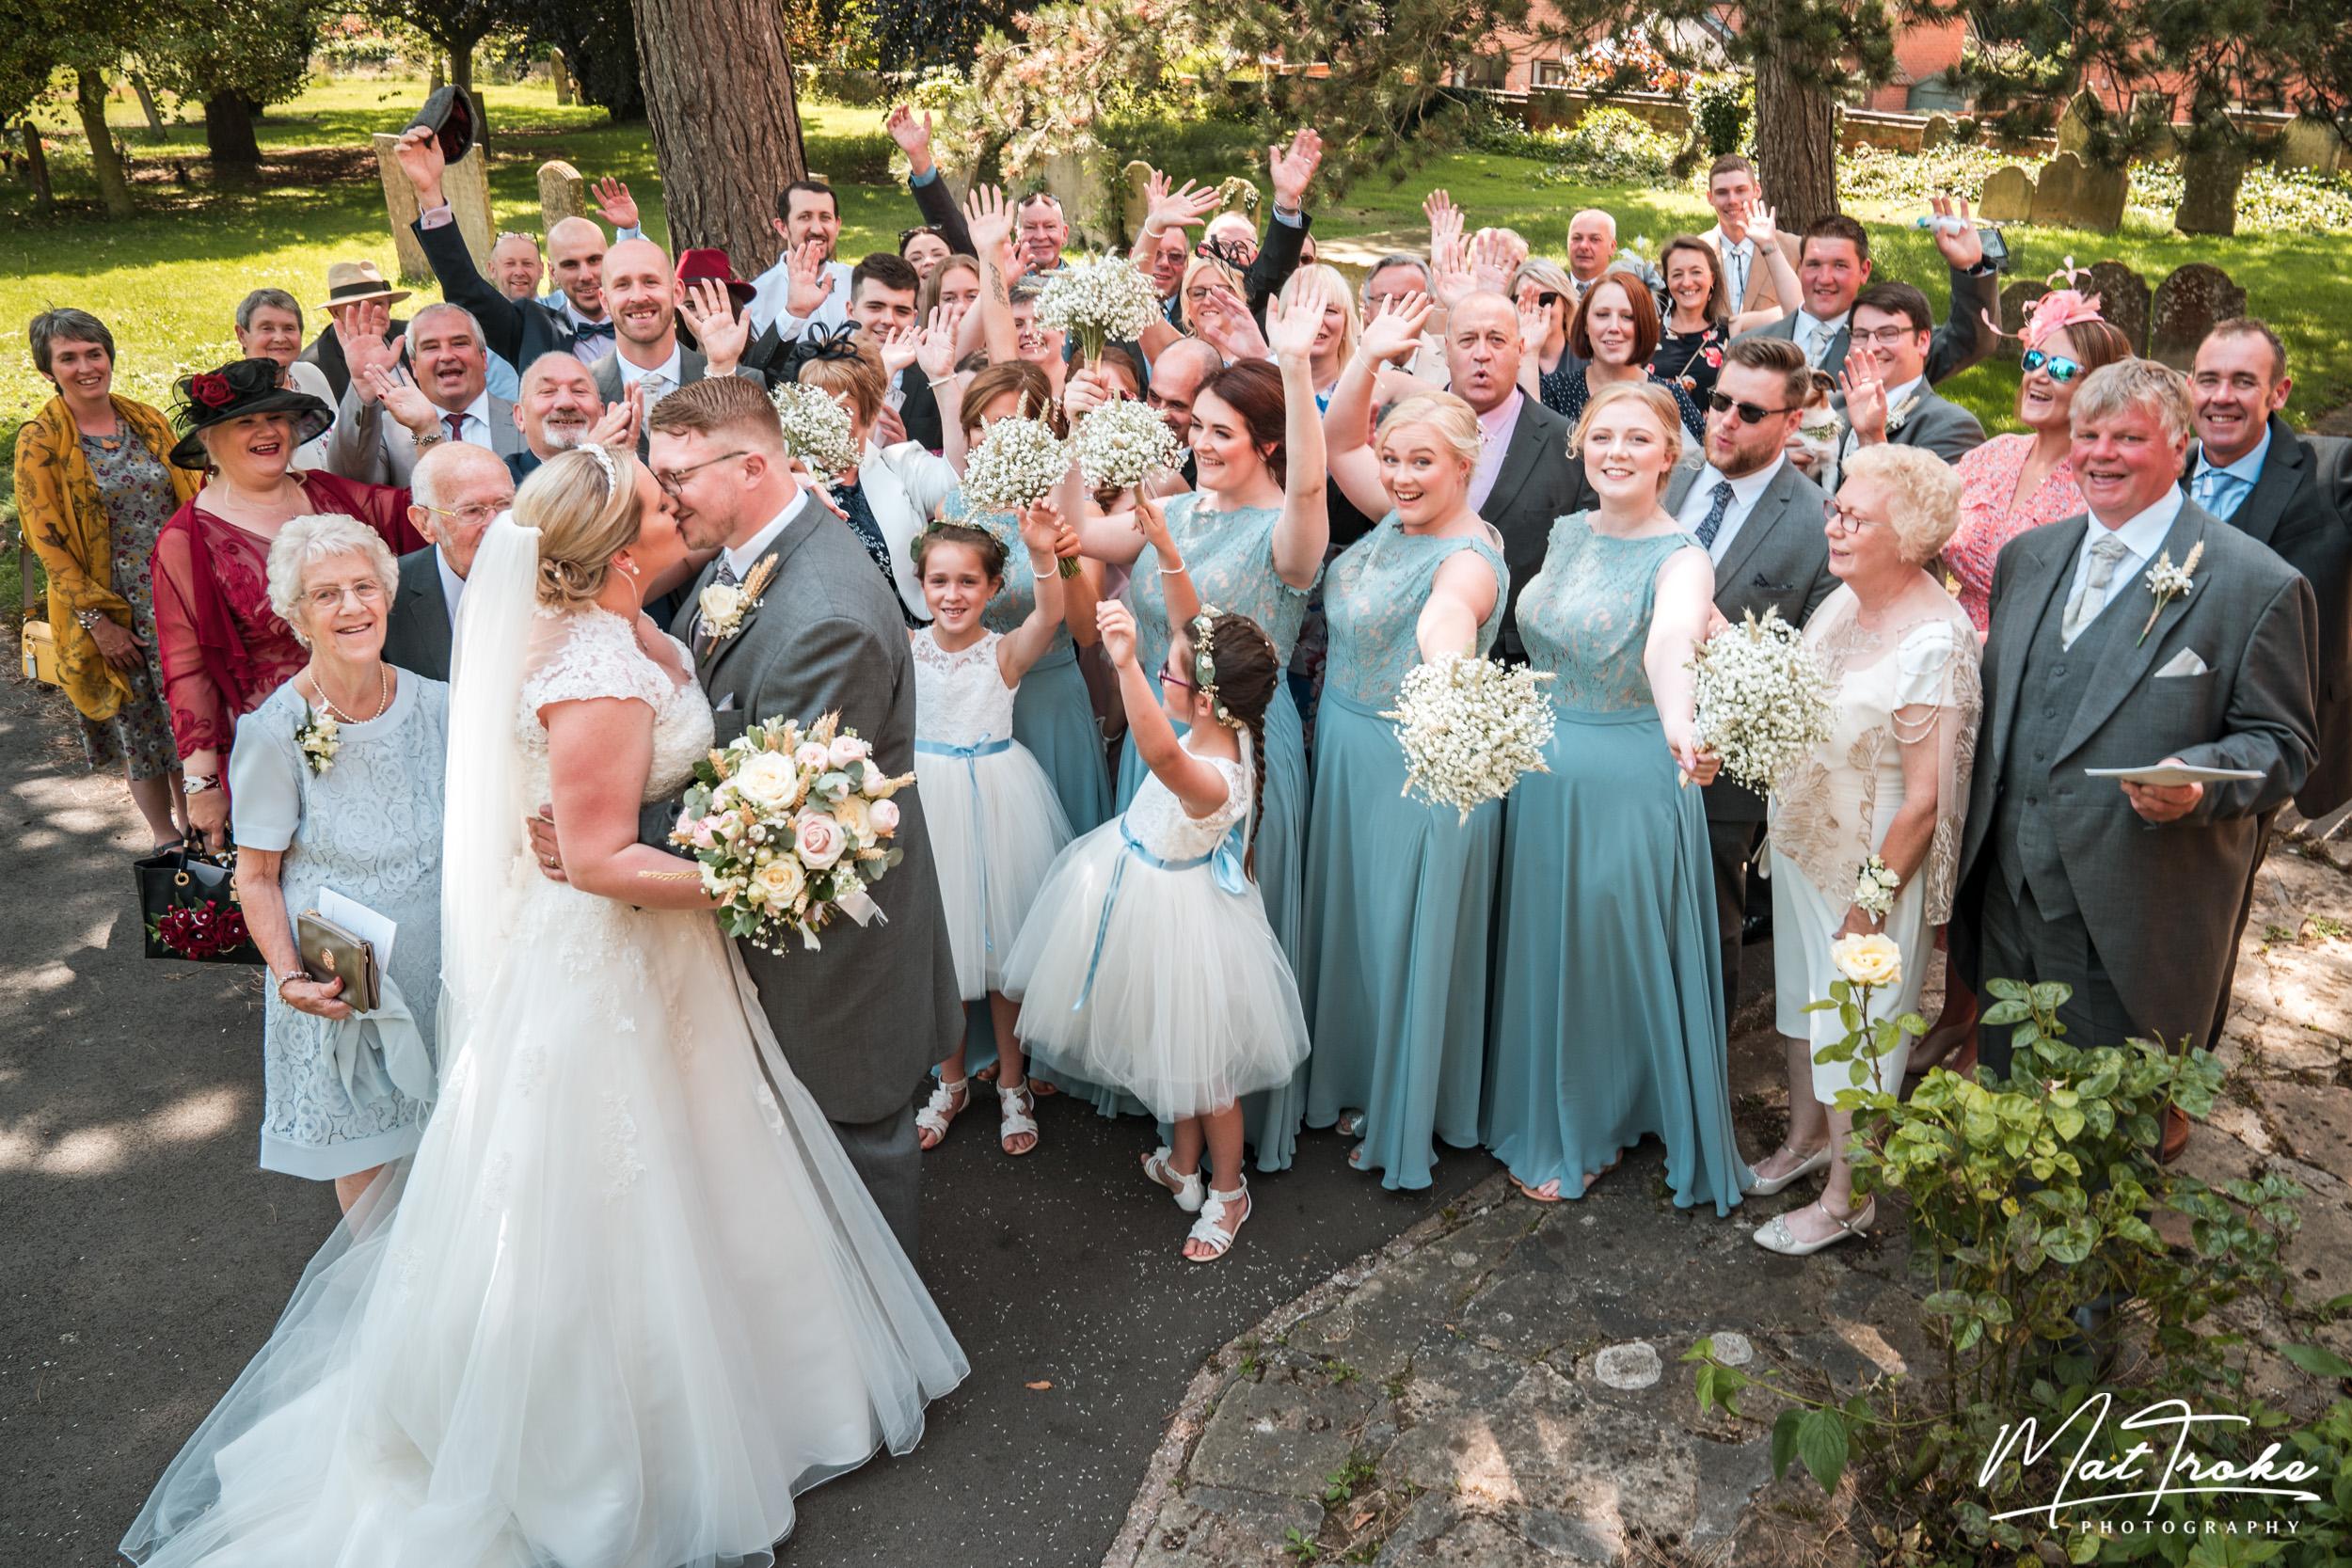 Farnsfield Church Wedding - Nottingham